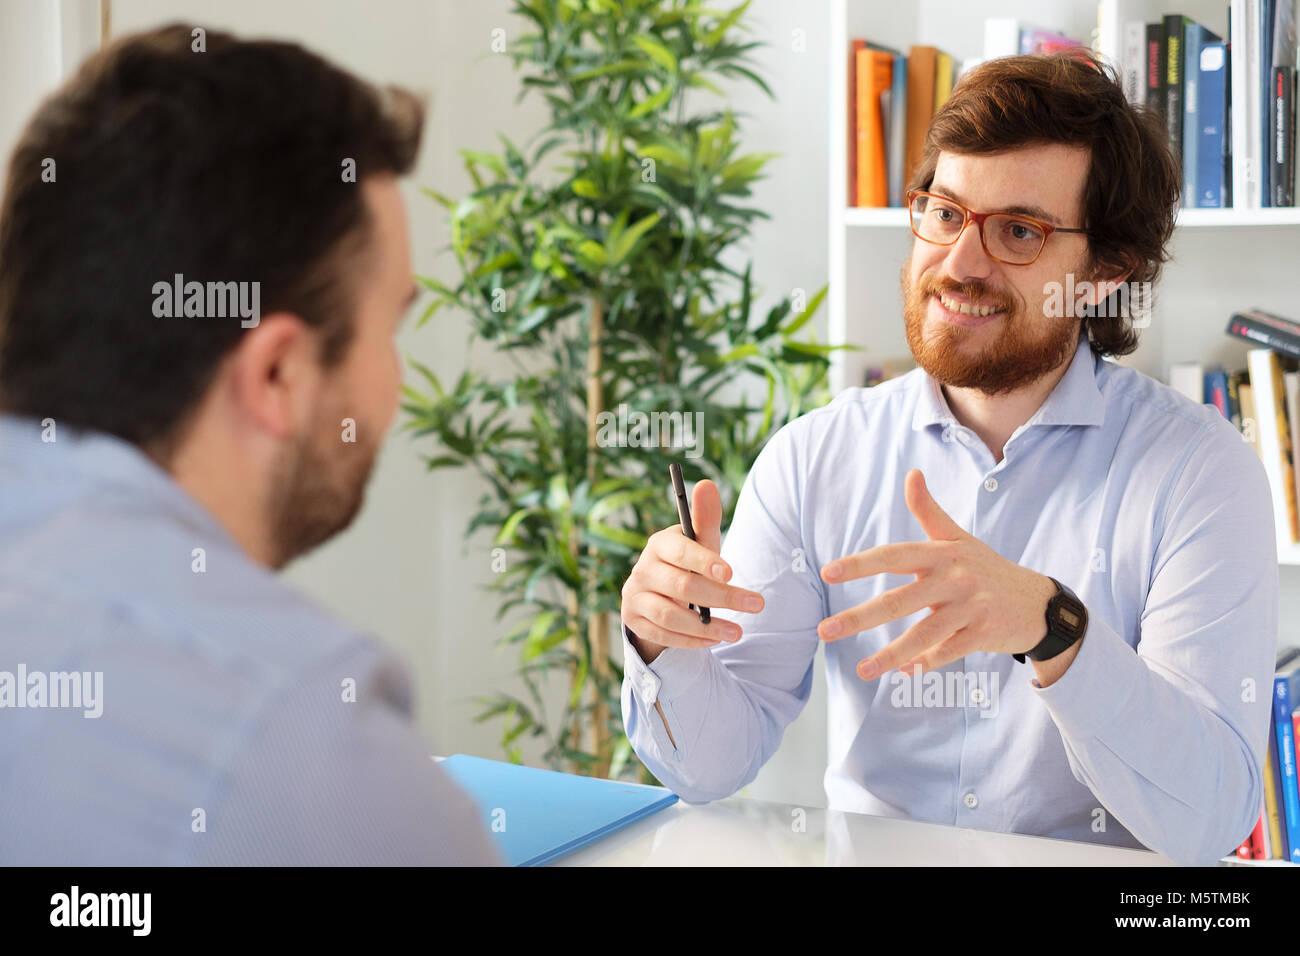 Imprenditore maschio interviste potenziale dipendente Immagini Stock